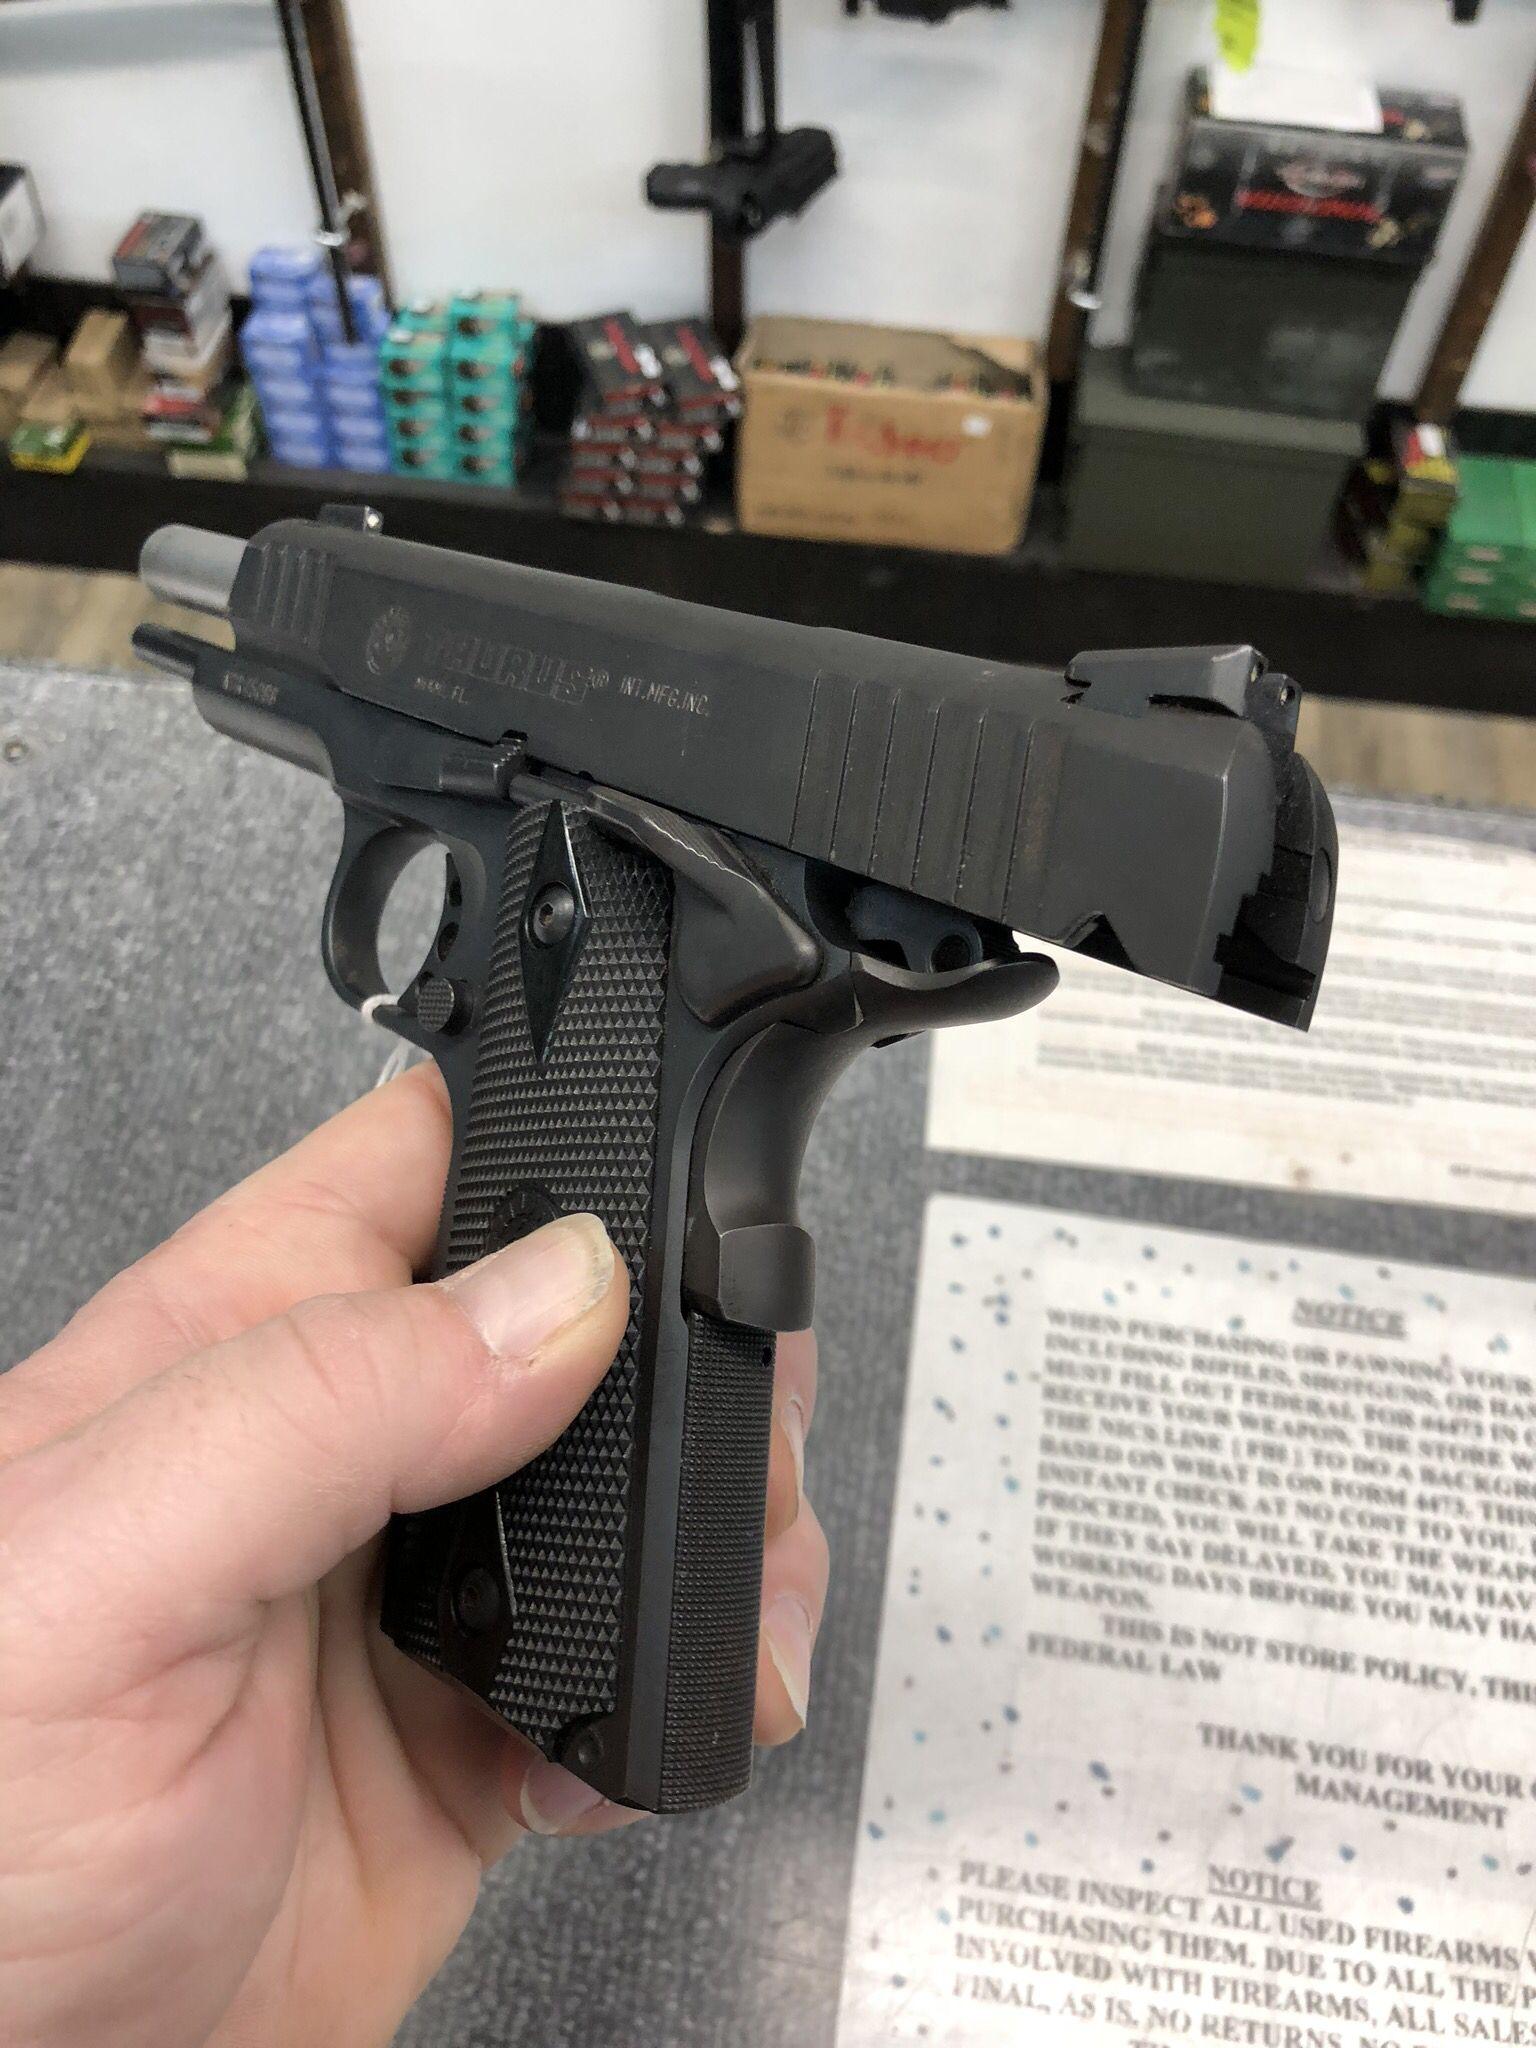 Taurus PT1911 | Firearms & Ammo, #guns, #ammo | Guns, ammo, Guns